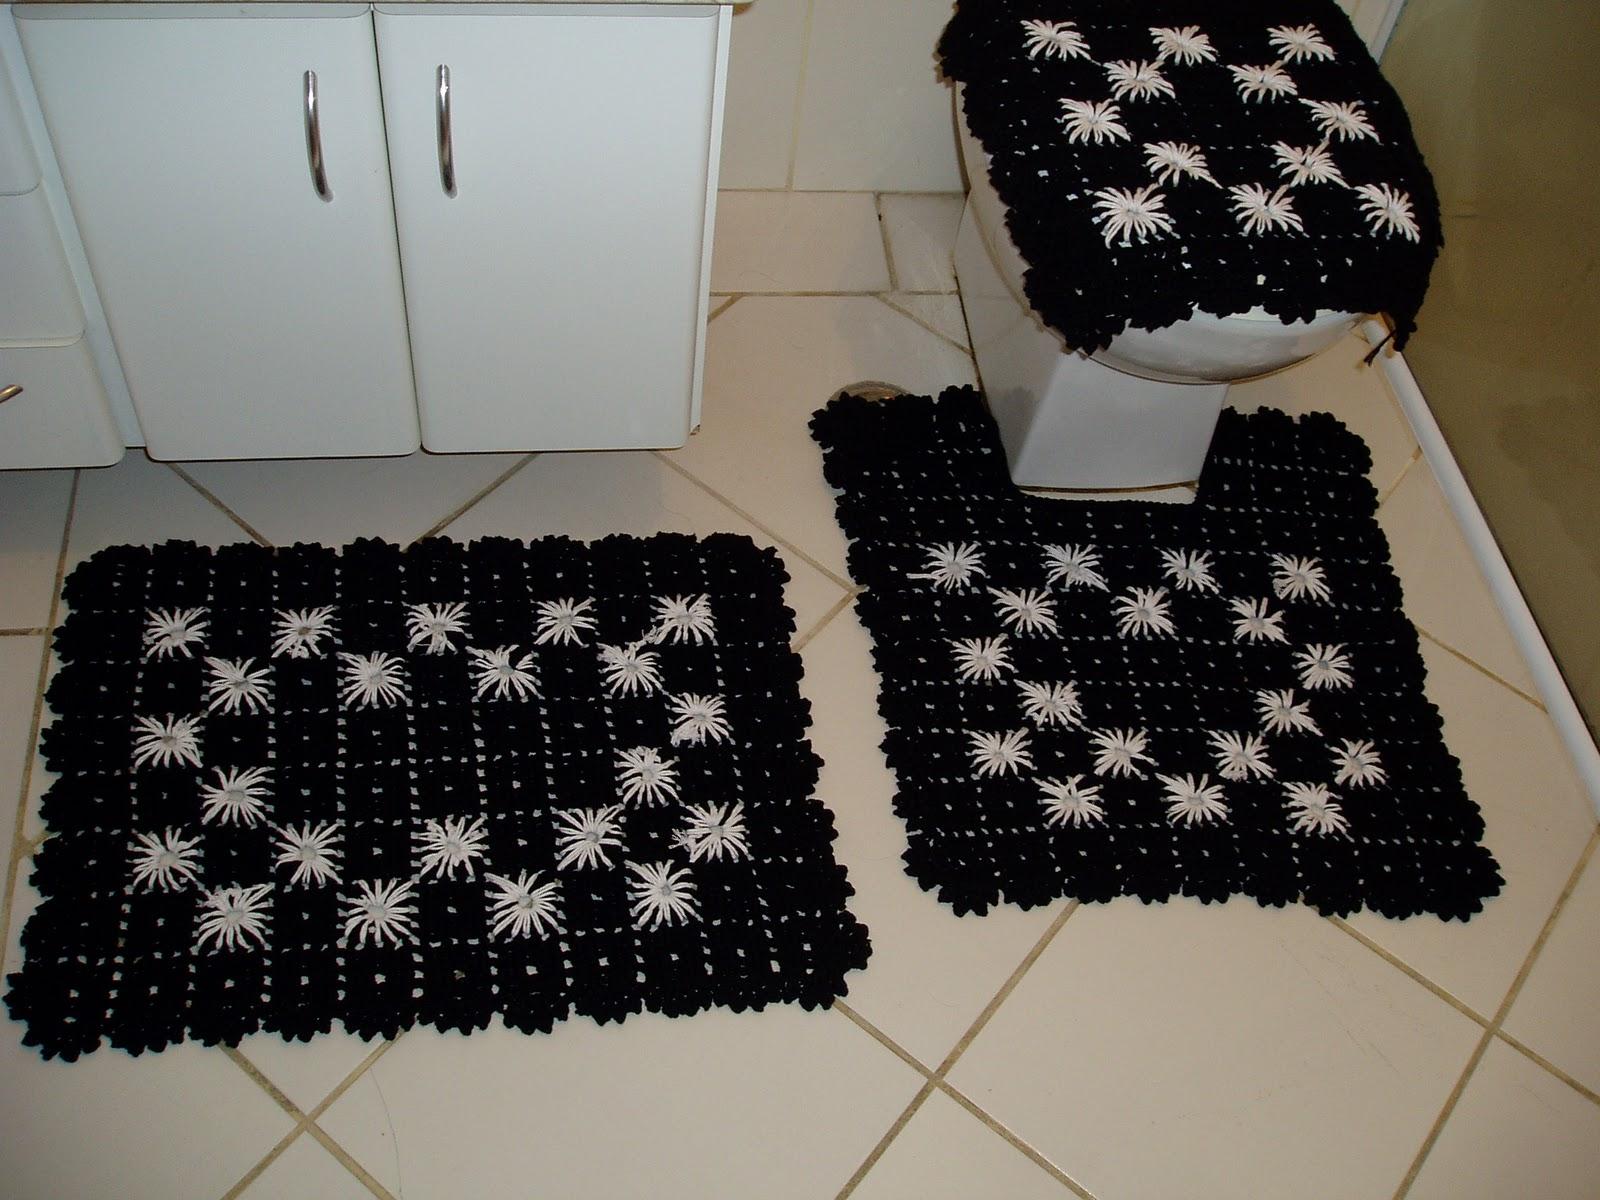 Tecendo Receitas: Jogo de banheiro em croche preto e branco #5A4B2E 1600x1200 Banheiro Amarelo Com Preto